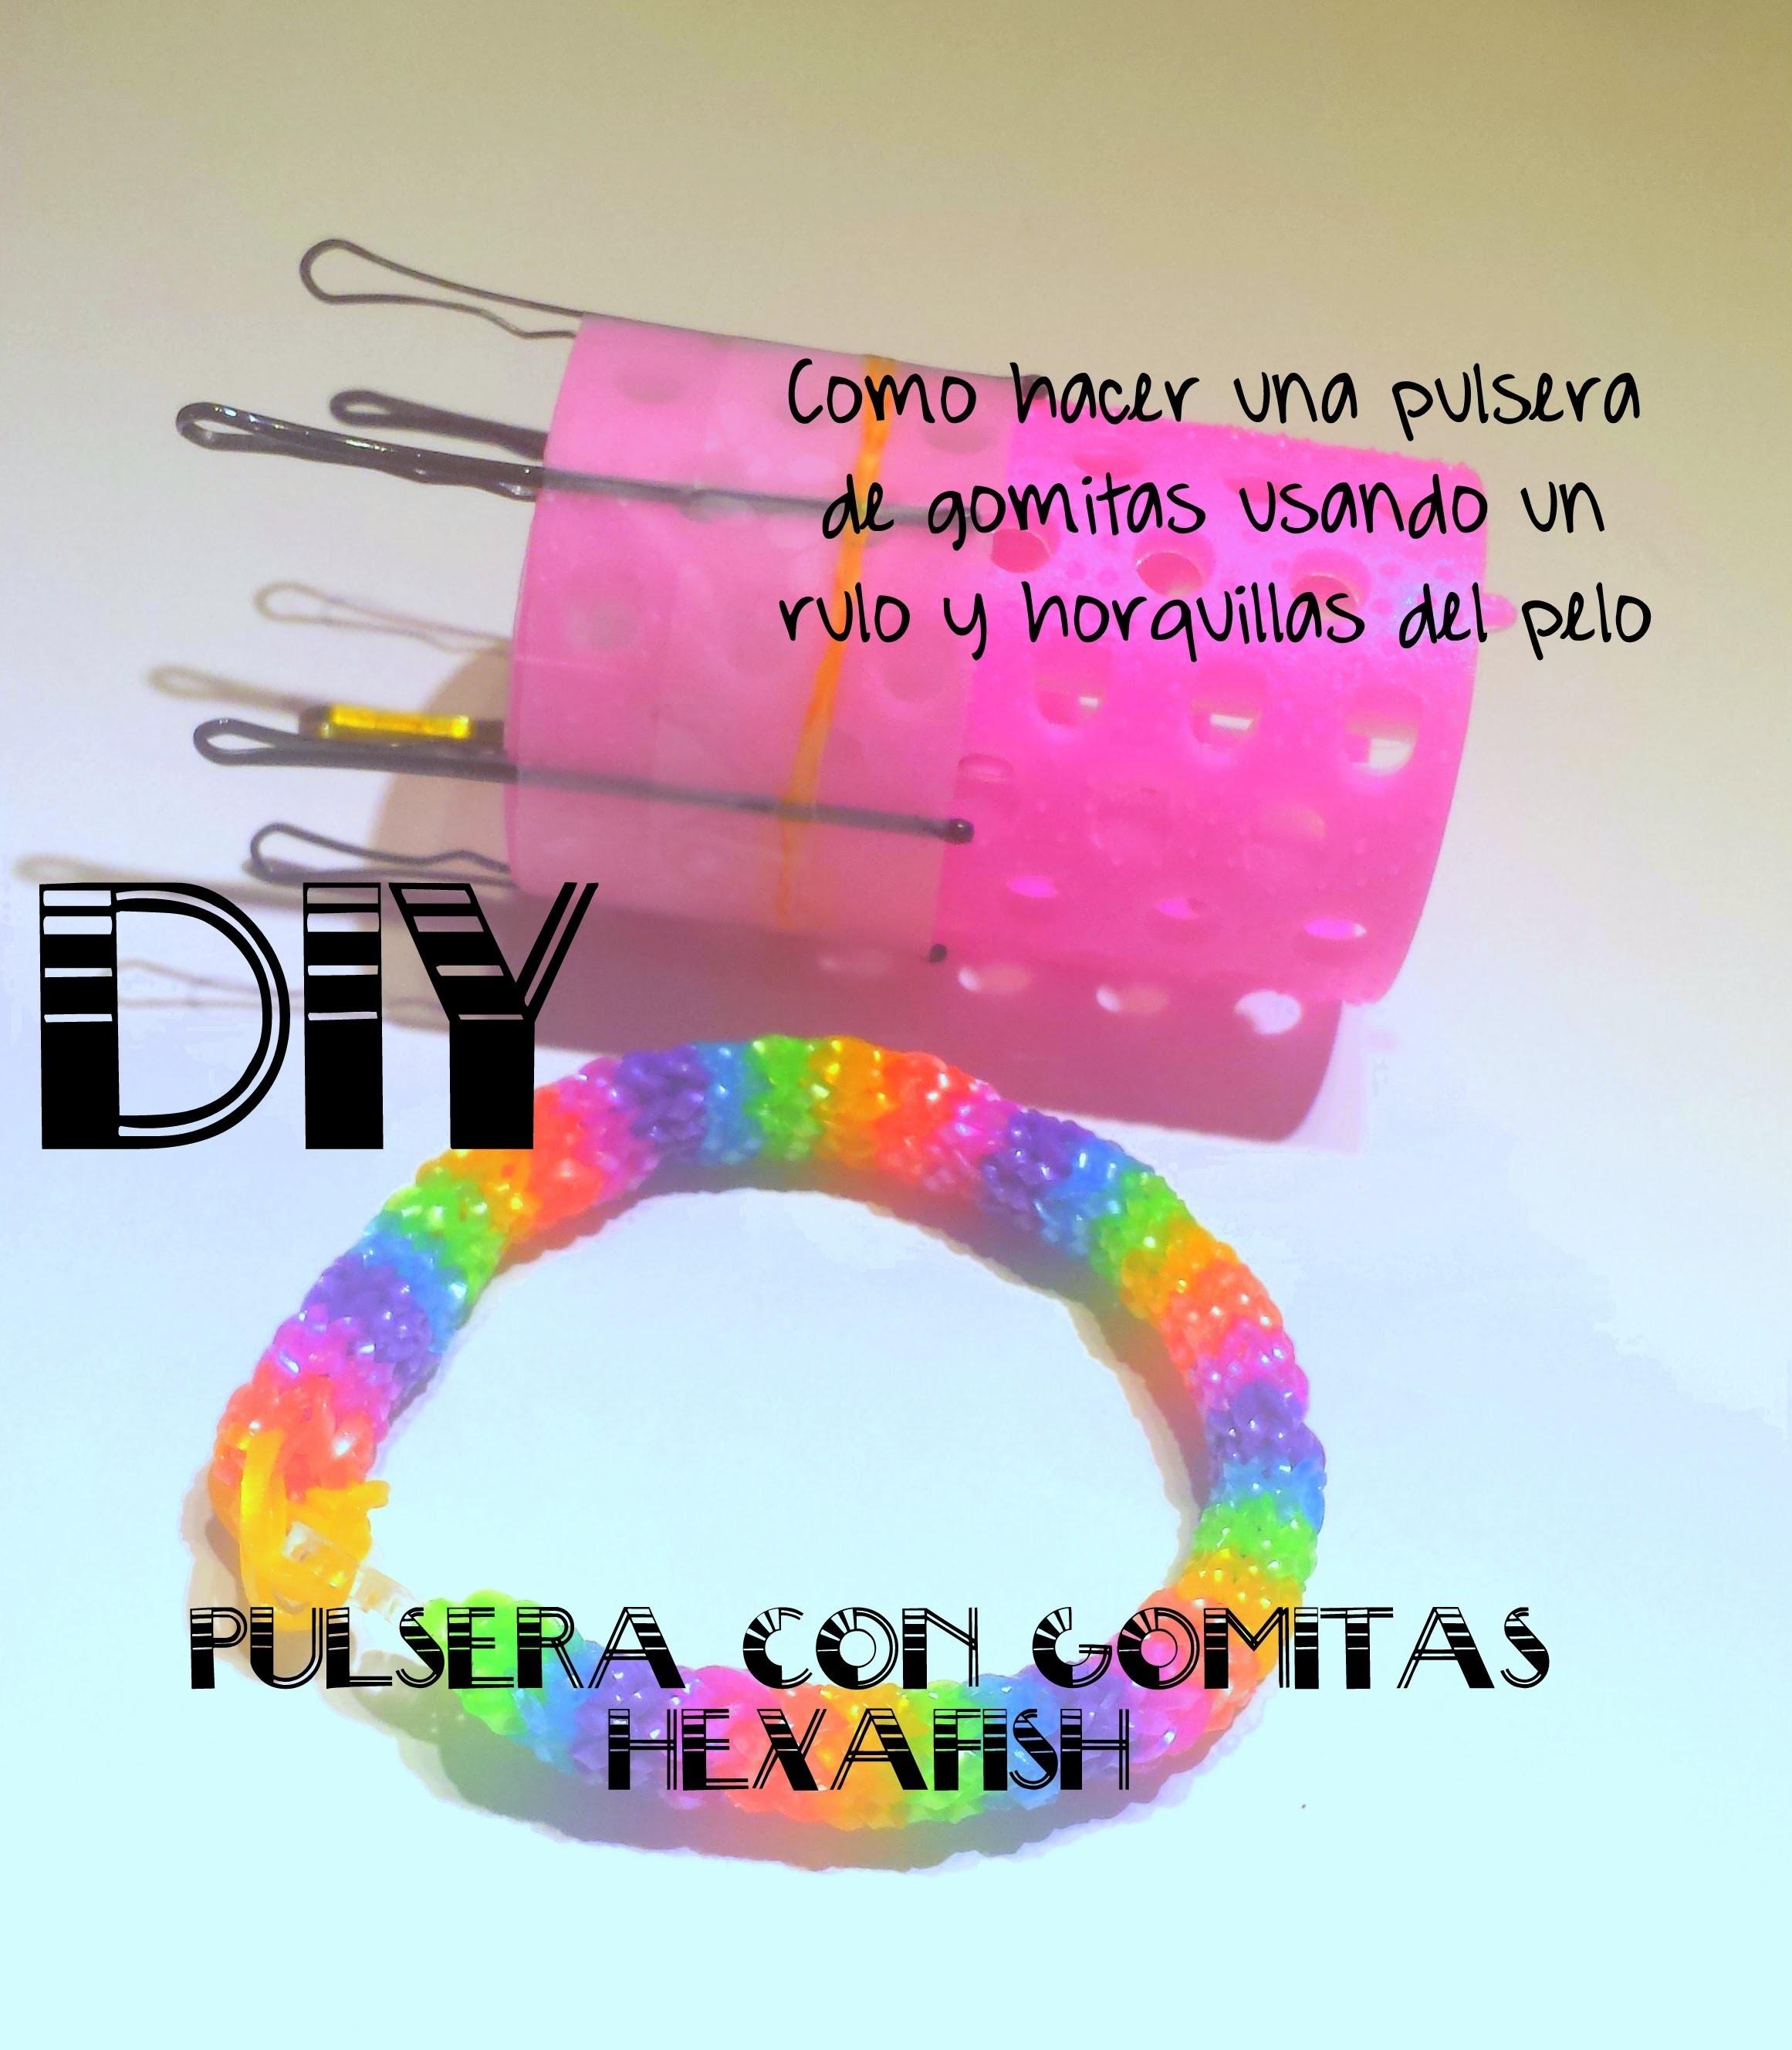 DIY Pulsera de gomitas Hexafish con rulo y horquillas del pelo